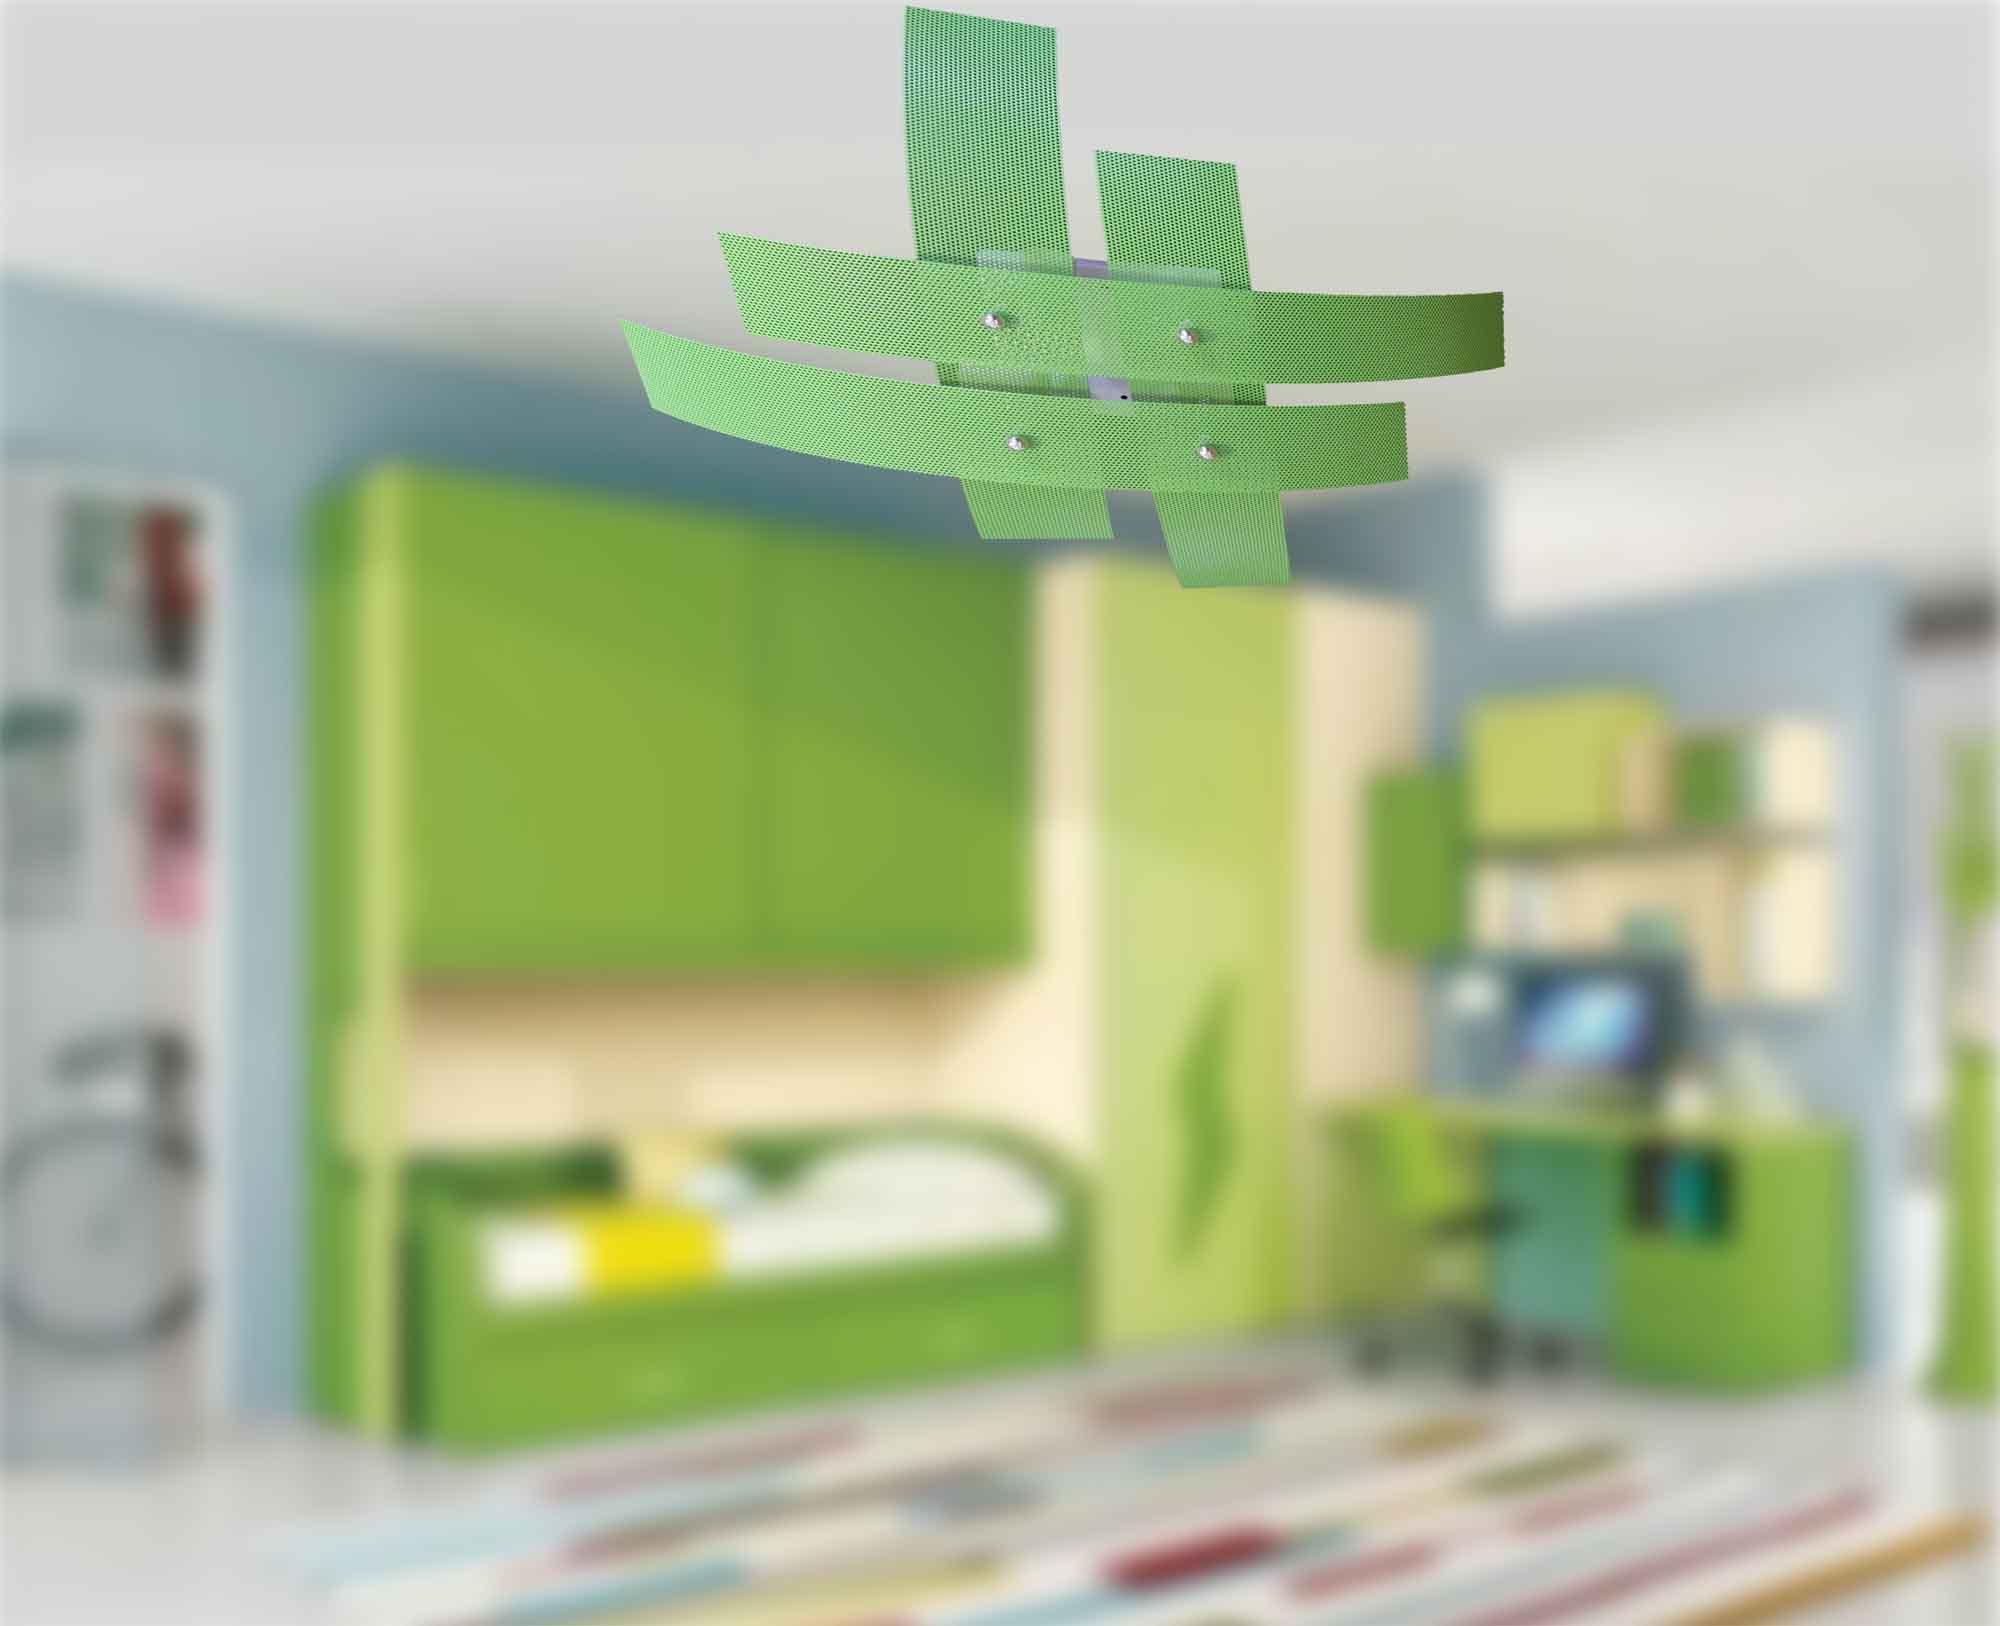 Plafoniere Per Camerette : Plafoniera 4 luci moderna metallo verde la luce del futuro